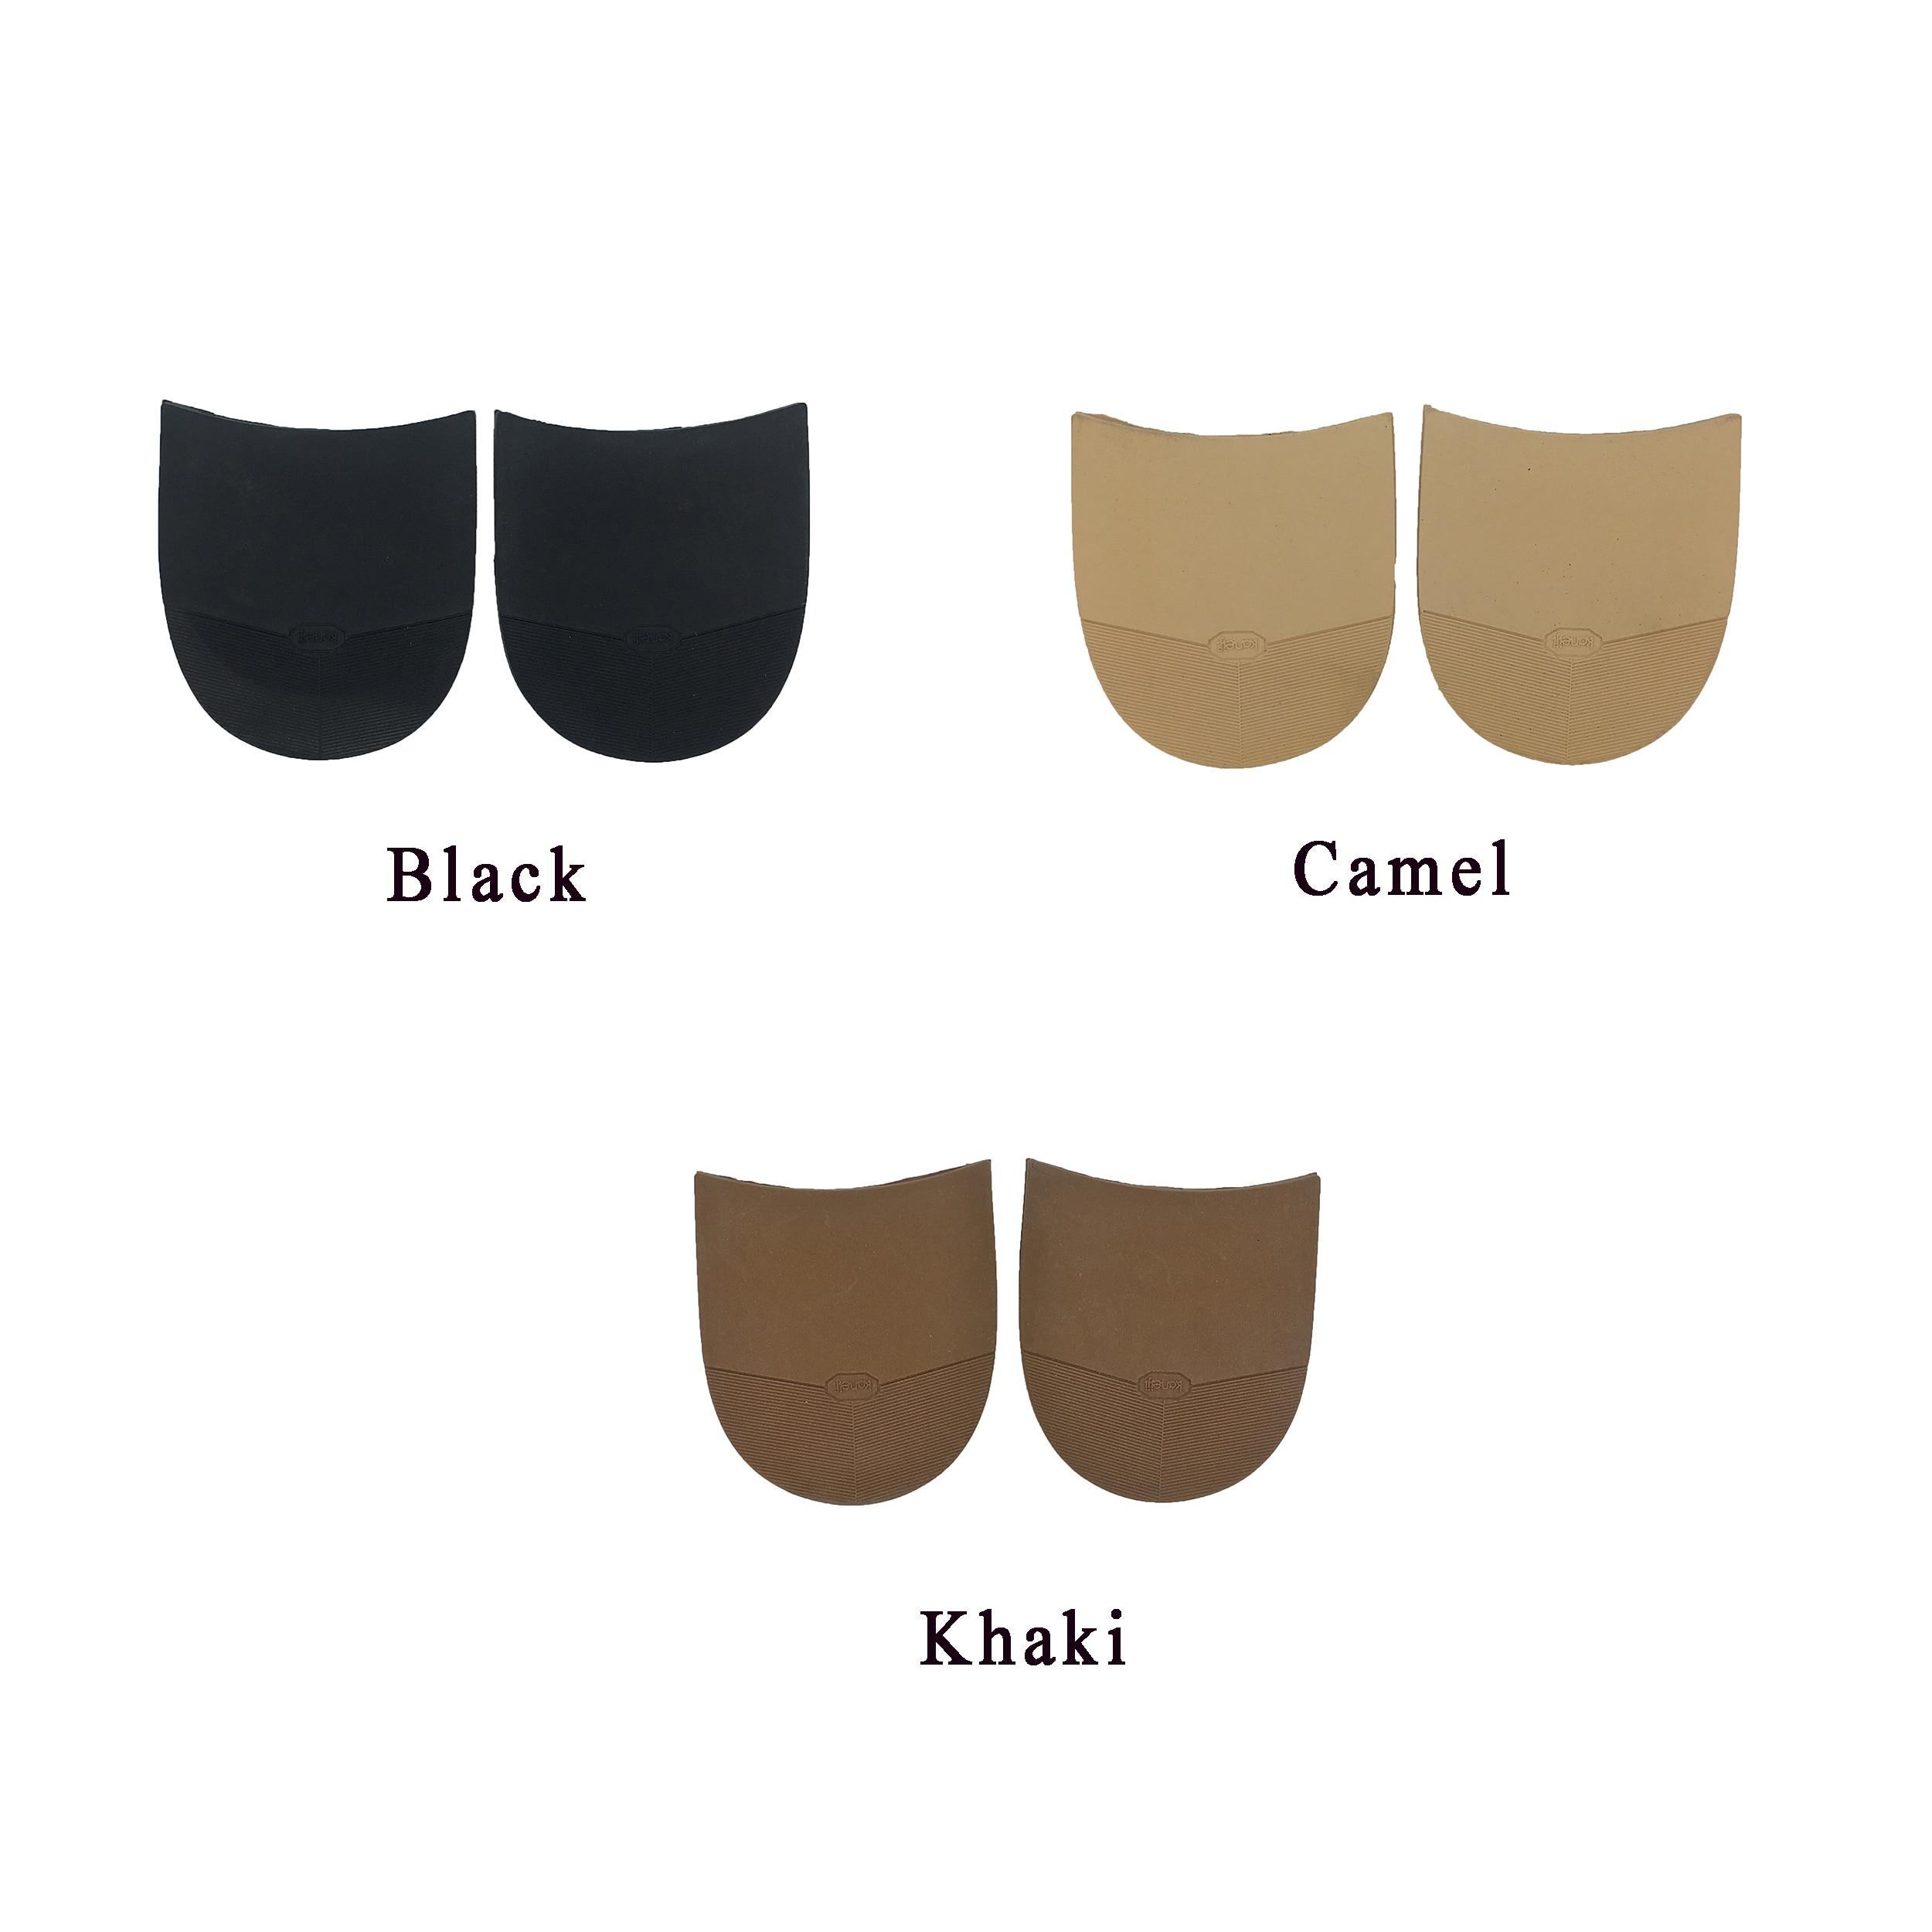 [해외]Kaneiji 고무 outsole, 발 뒤꿈치, 수리 신발, 신발 outsole, 6mm 두께, 다른 색상에 대 한 고무 시트/Kaneiji 고무 outsole, 발 뒤꿈치, 수리 신발, 신발 outsole, 6mm 두께, 다른 색상에 대 한